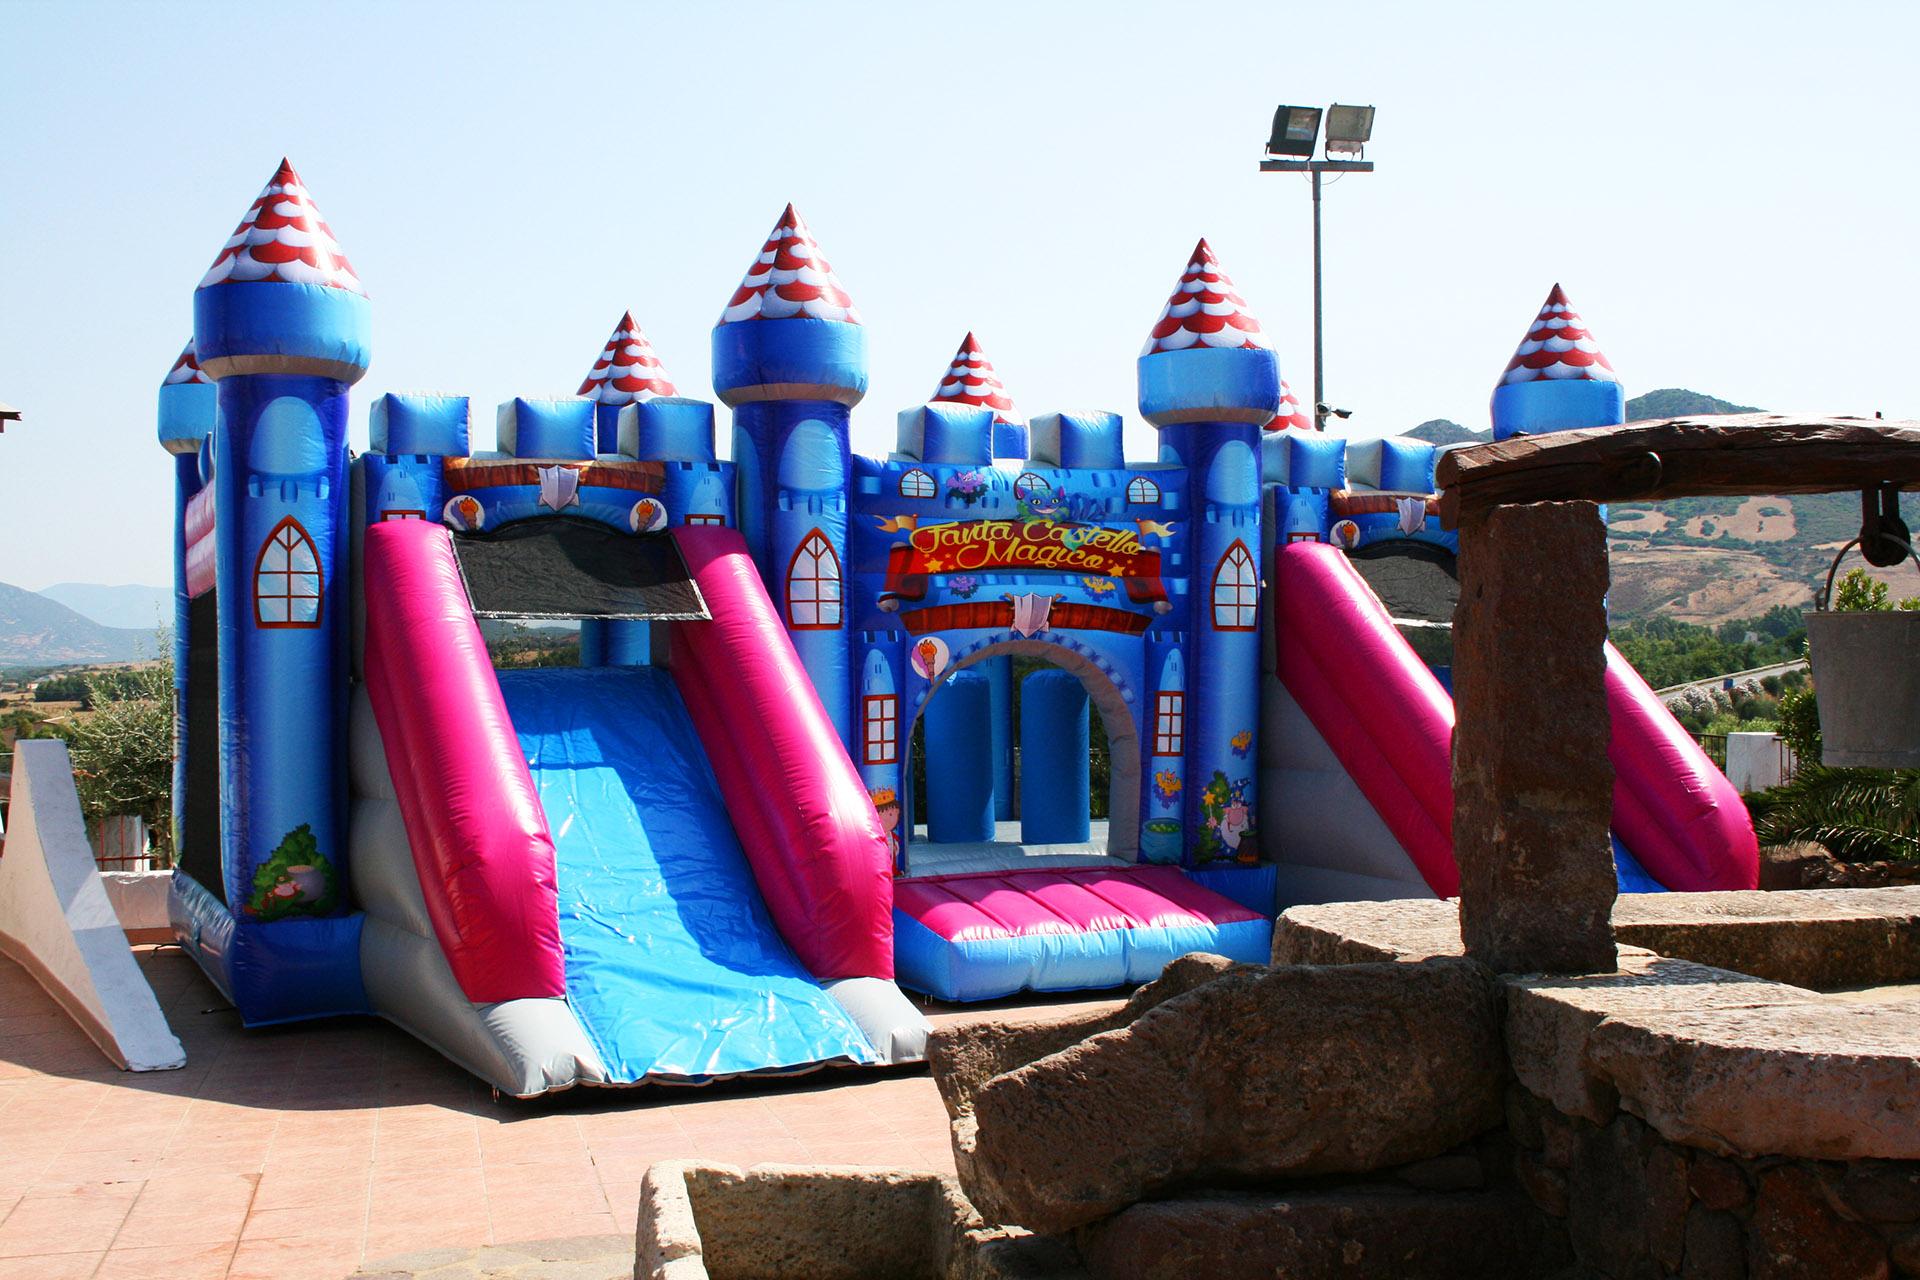 Parco Giochi Gonfiabile a Carbonia per compleanni e feste per bambini - Ristorante Tanit - Ristorante a Carbonia dal 1981 - 5